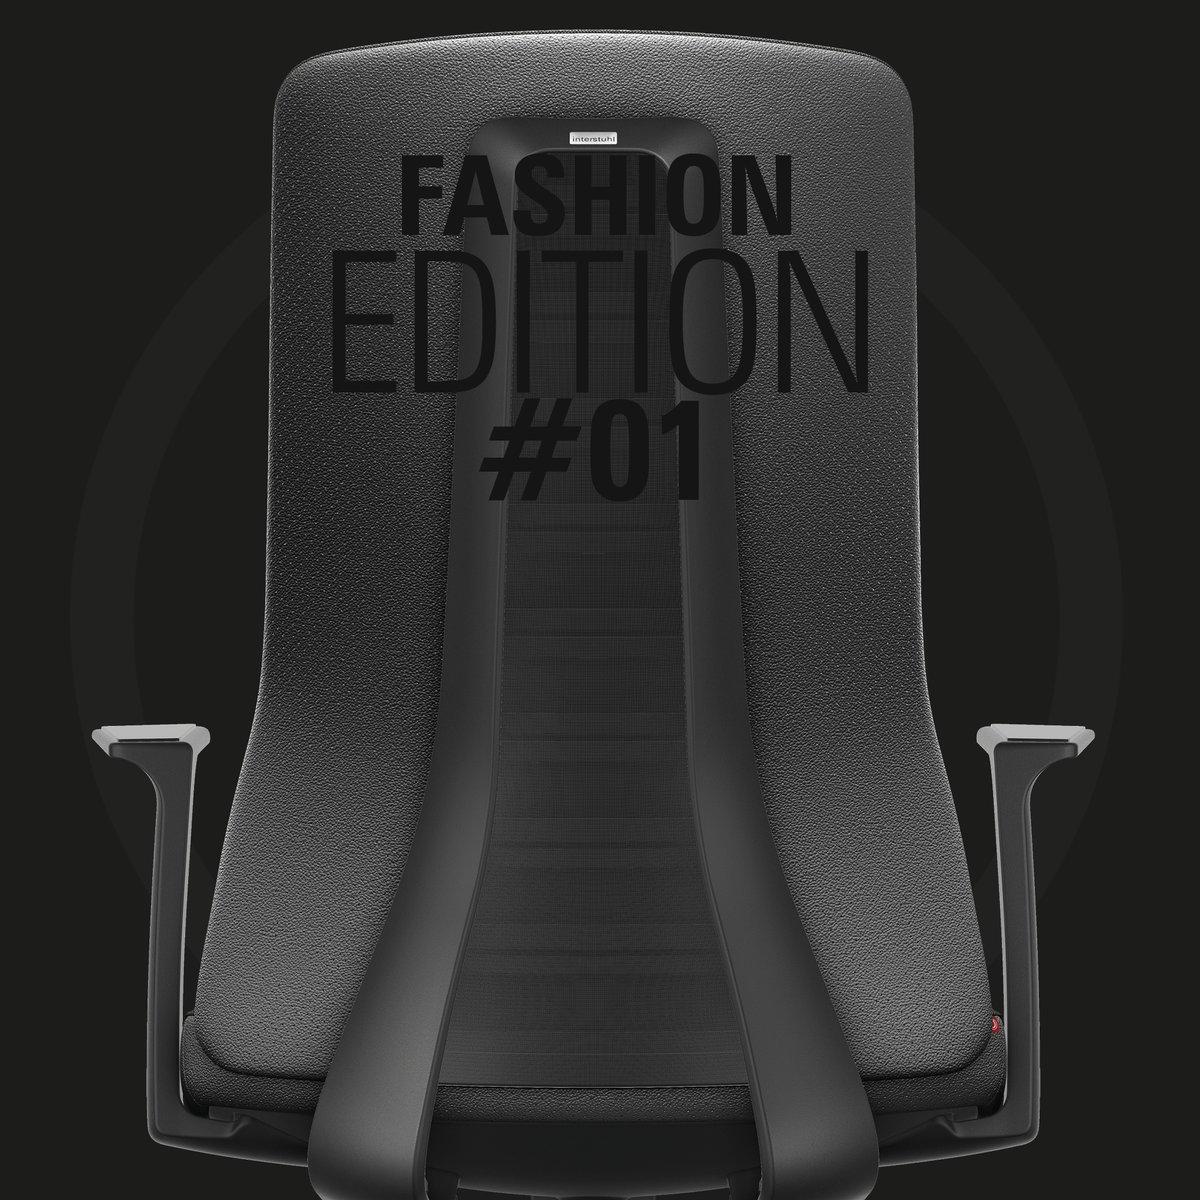 PURE FASHION Edition 01 Black| Black  Mehr Style für dein HOMEOFFICE.  Durch ausgewählte Kombinationen von Bezugsstoffen und Nappaleder wurden 12 individuelle PURE FASHION Editions designt.  Erfahre mehr auf http://shop.interstuhl.com  #Interstuhl #design #ergonomisch #allblackpic.twitter.com/3n4O0IzJHI